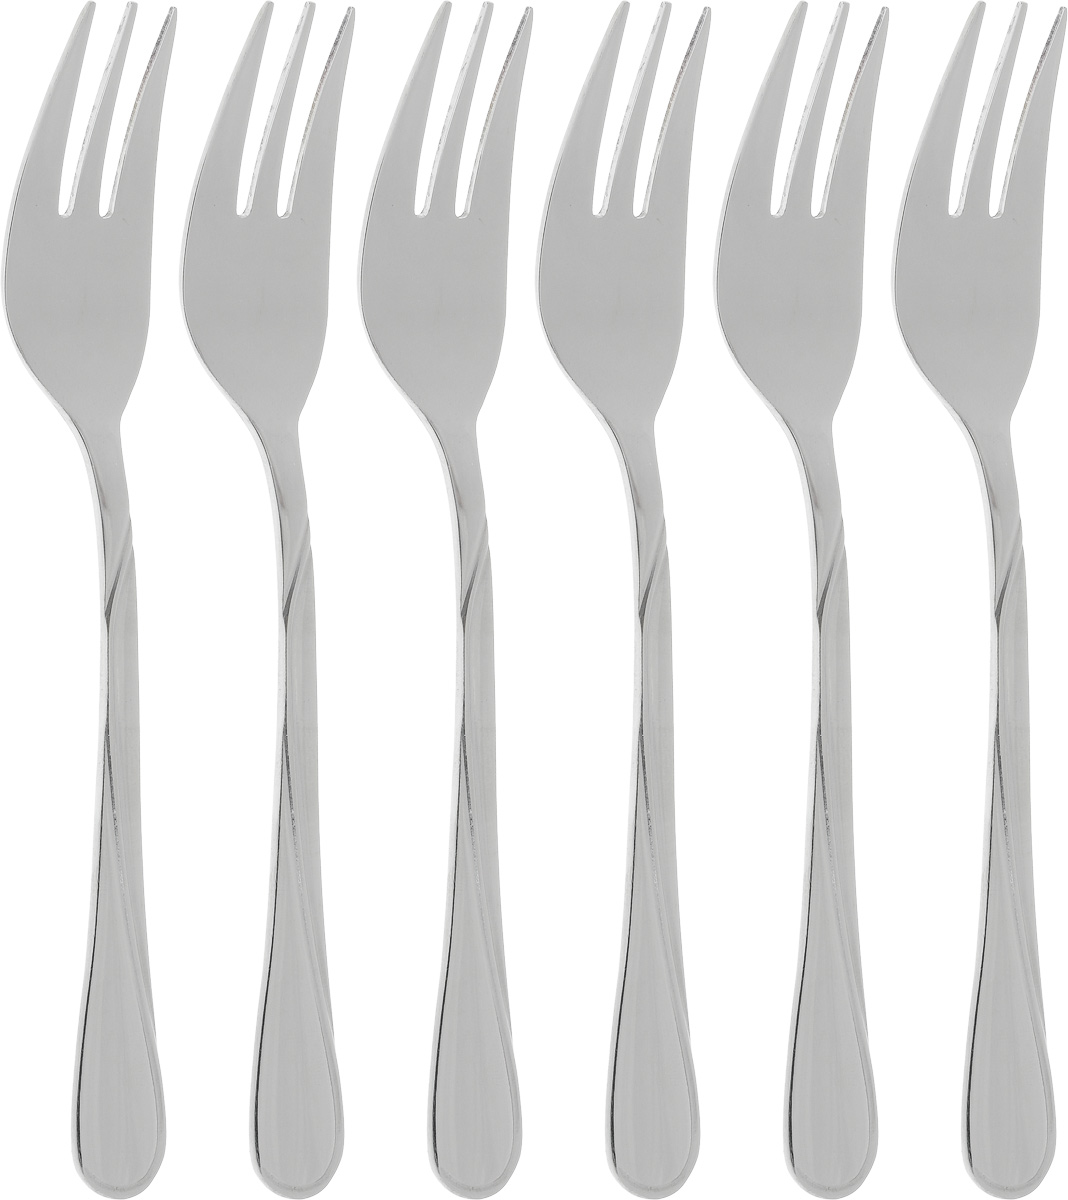 Набор десертных вилок Bohmann Длинная волна № 2, 6 штVT-1520(SR)Набор десертных вилок Bohmann Длинная волна № 2 займет достойное место среди аксессуаров на вашей кухне. В набор входит 6 предметов. Вилки изготовлены из нержавеющей стали и имеют эргономичные ручки.Эффектный дизайн, качество изготовления и многофункциональность в использовании позволяют выделить десертные вилки Bohmann Длинная волна №2 из ряда подобных.Длина вилок: 14,5 см.